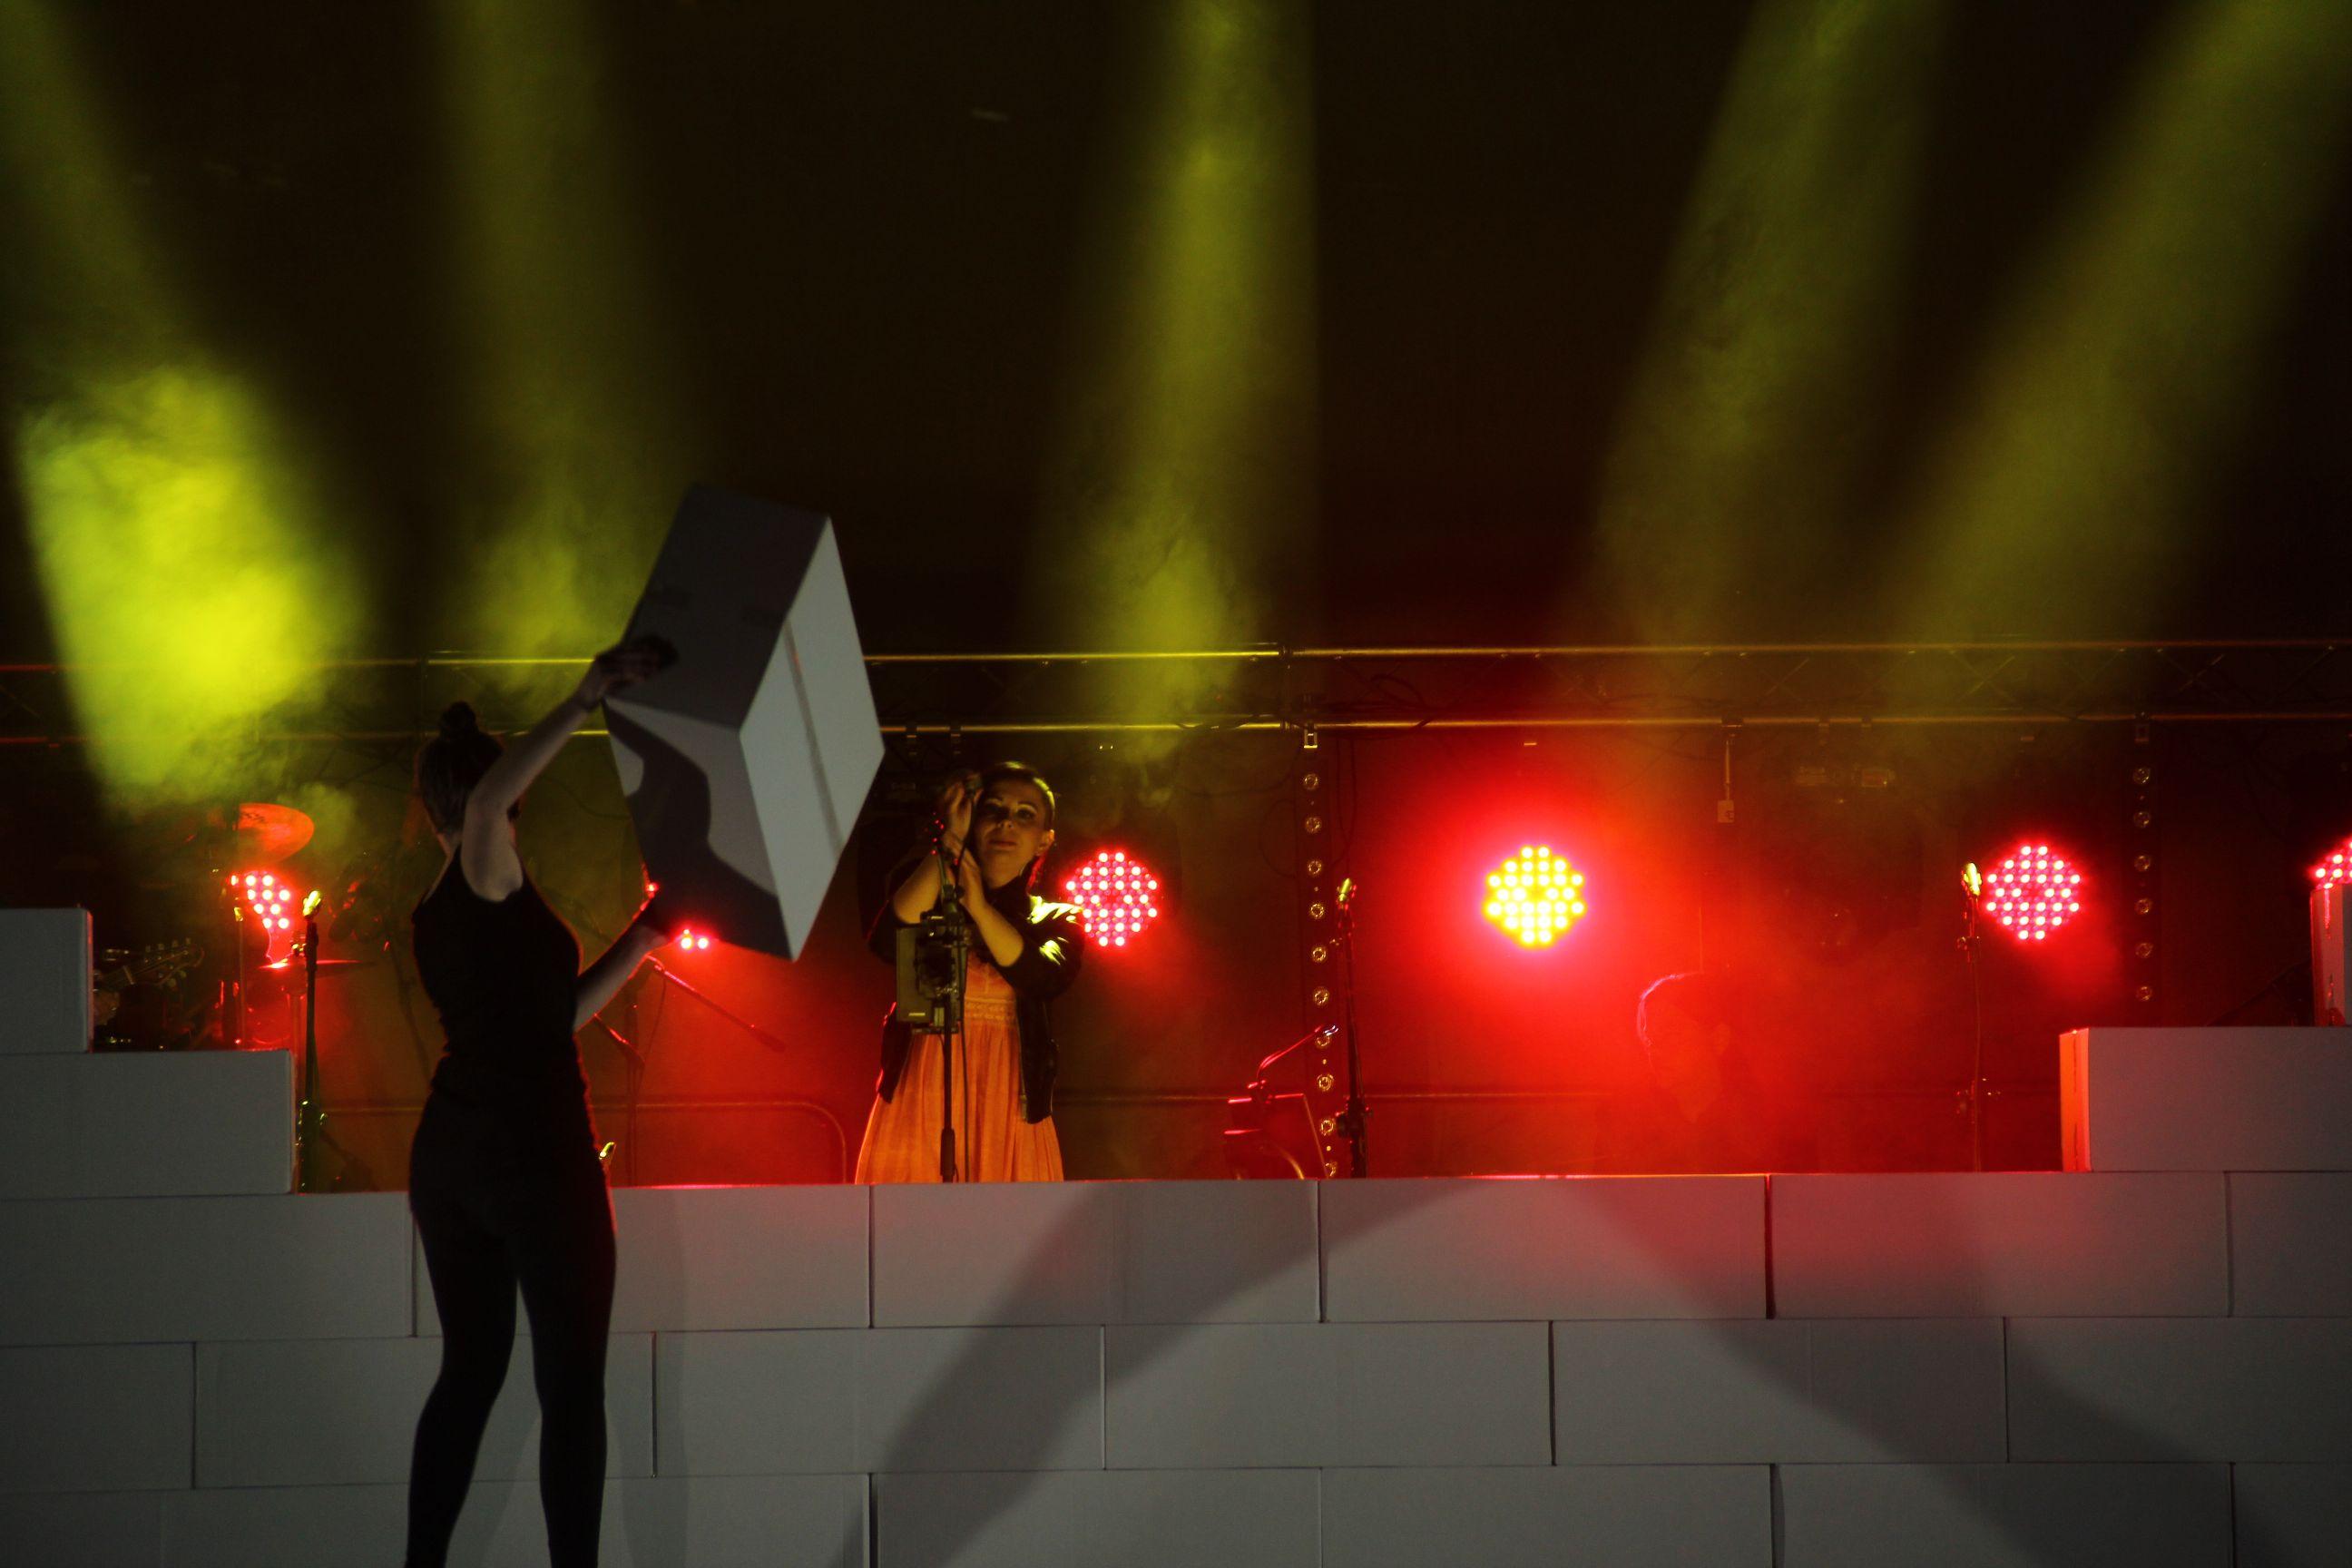 Koncerty Spare Bricks, podobnie jak występy Pink Floyd, to również niezapomniane spektakle multimedialne